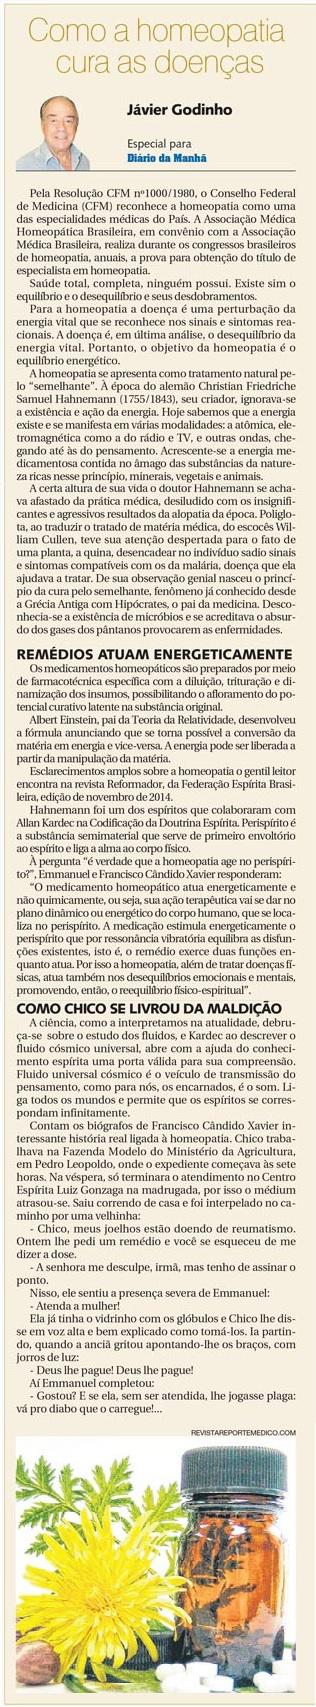 DM 26-11-2014 - Como a homeopatia cura as doenças - Jávier Godinho